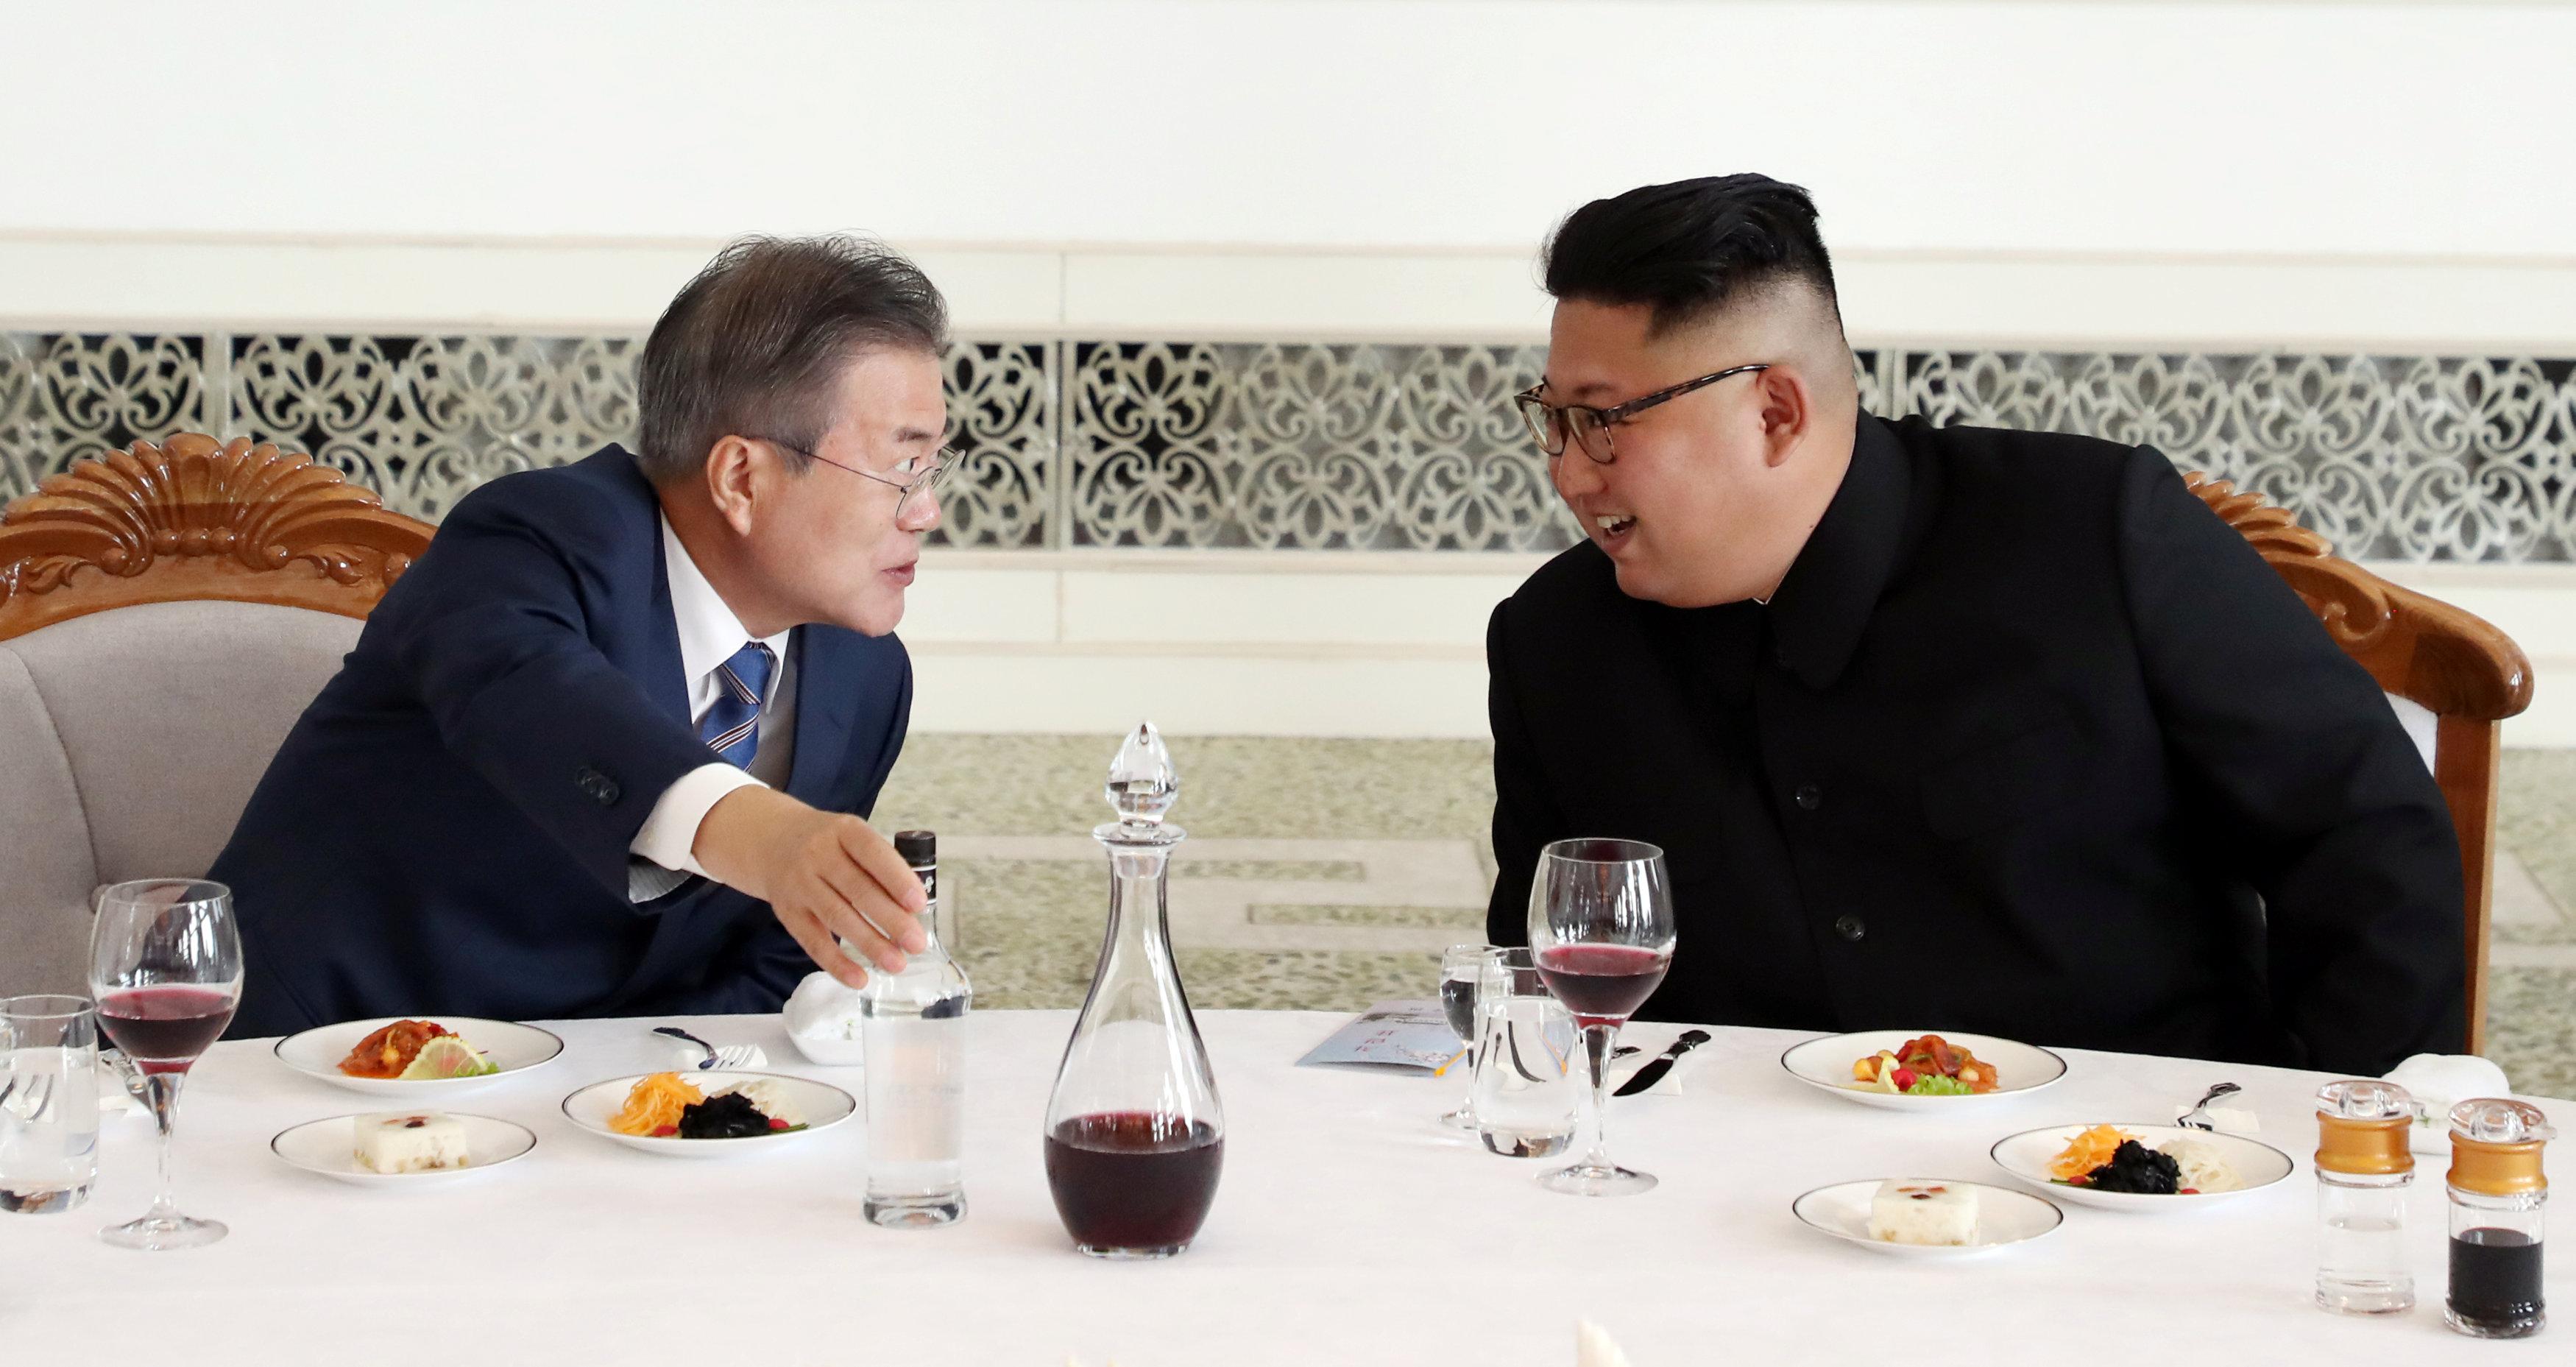 كيم ومون وحديث على المائدة